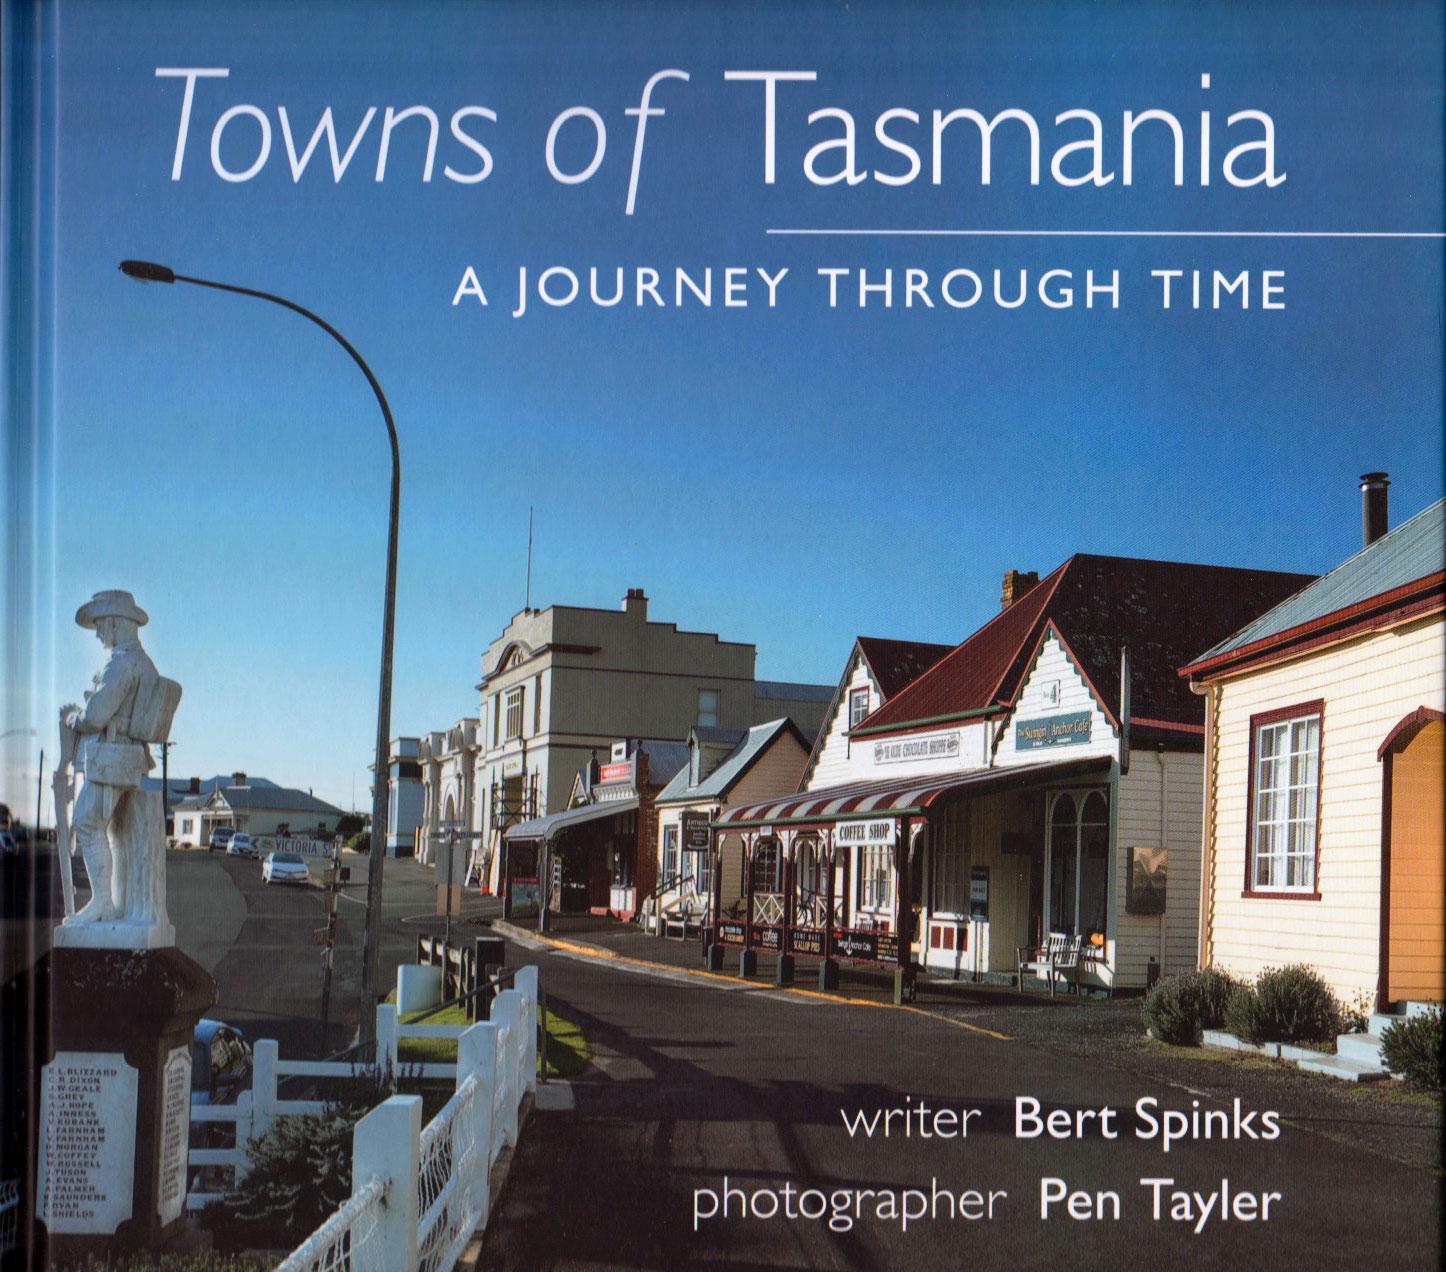 Towns of Tasmania - A Journey Through Time